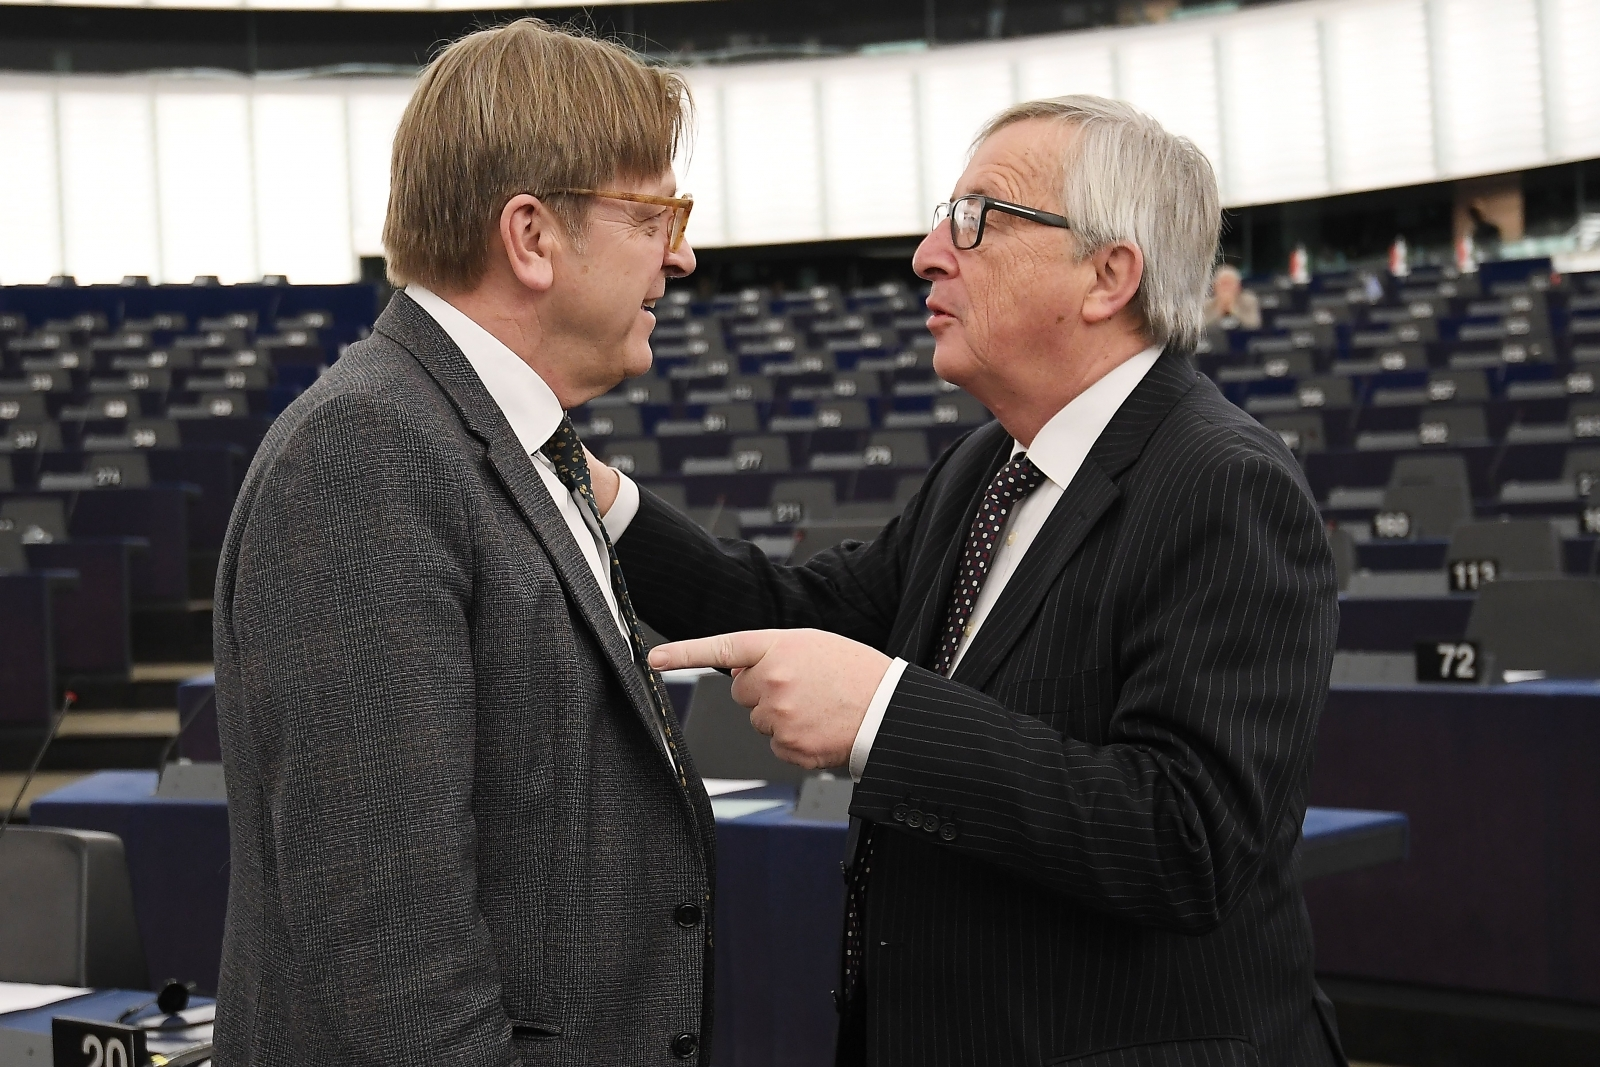 Jean-Claude Juncker and Guy Verhofstadt